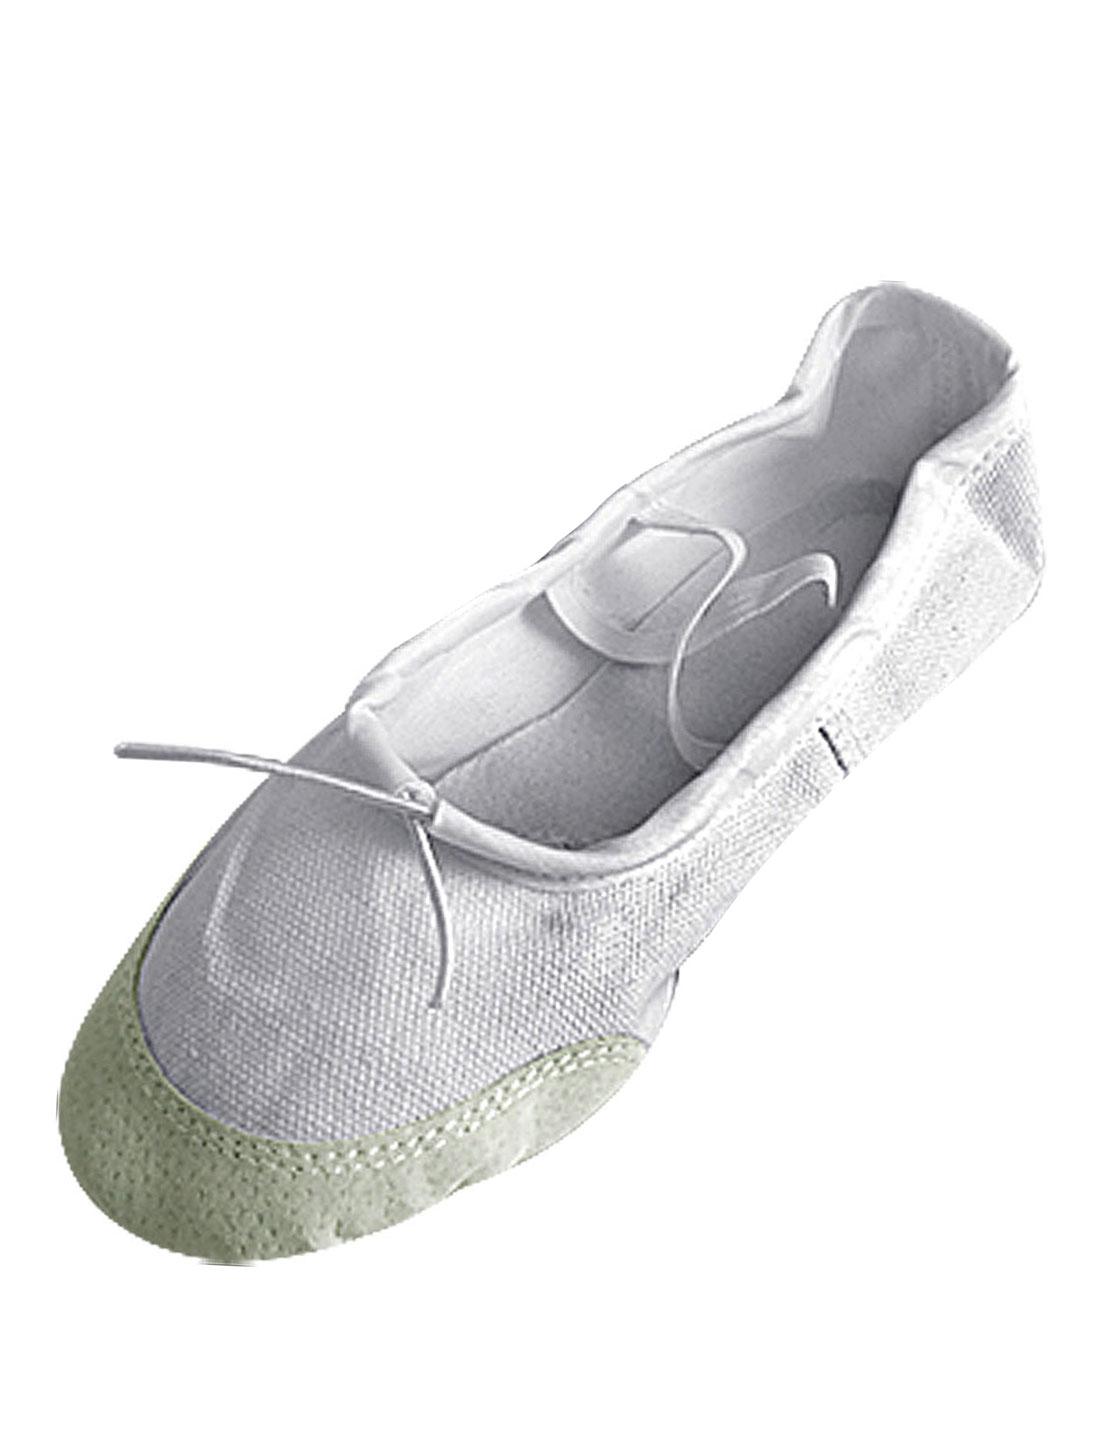 Girls Elastic Bands Beige Ballet Soft Dancing Shoes Us Size 1.5